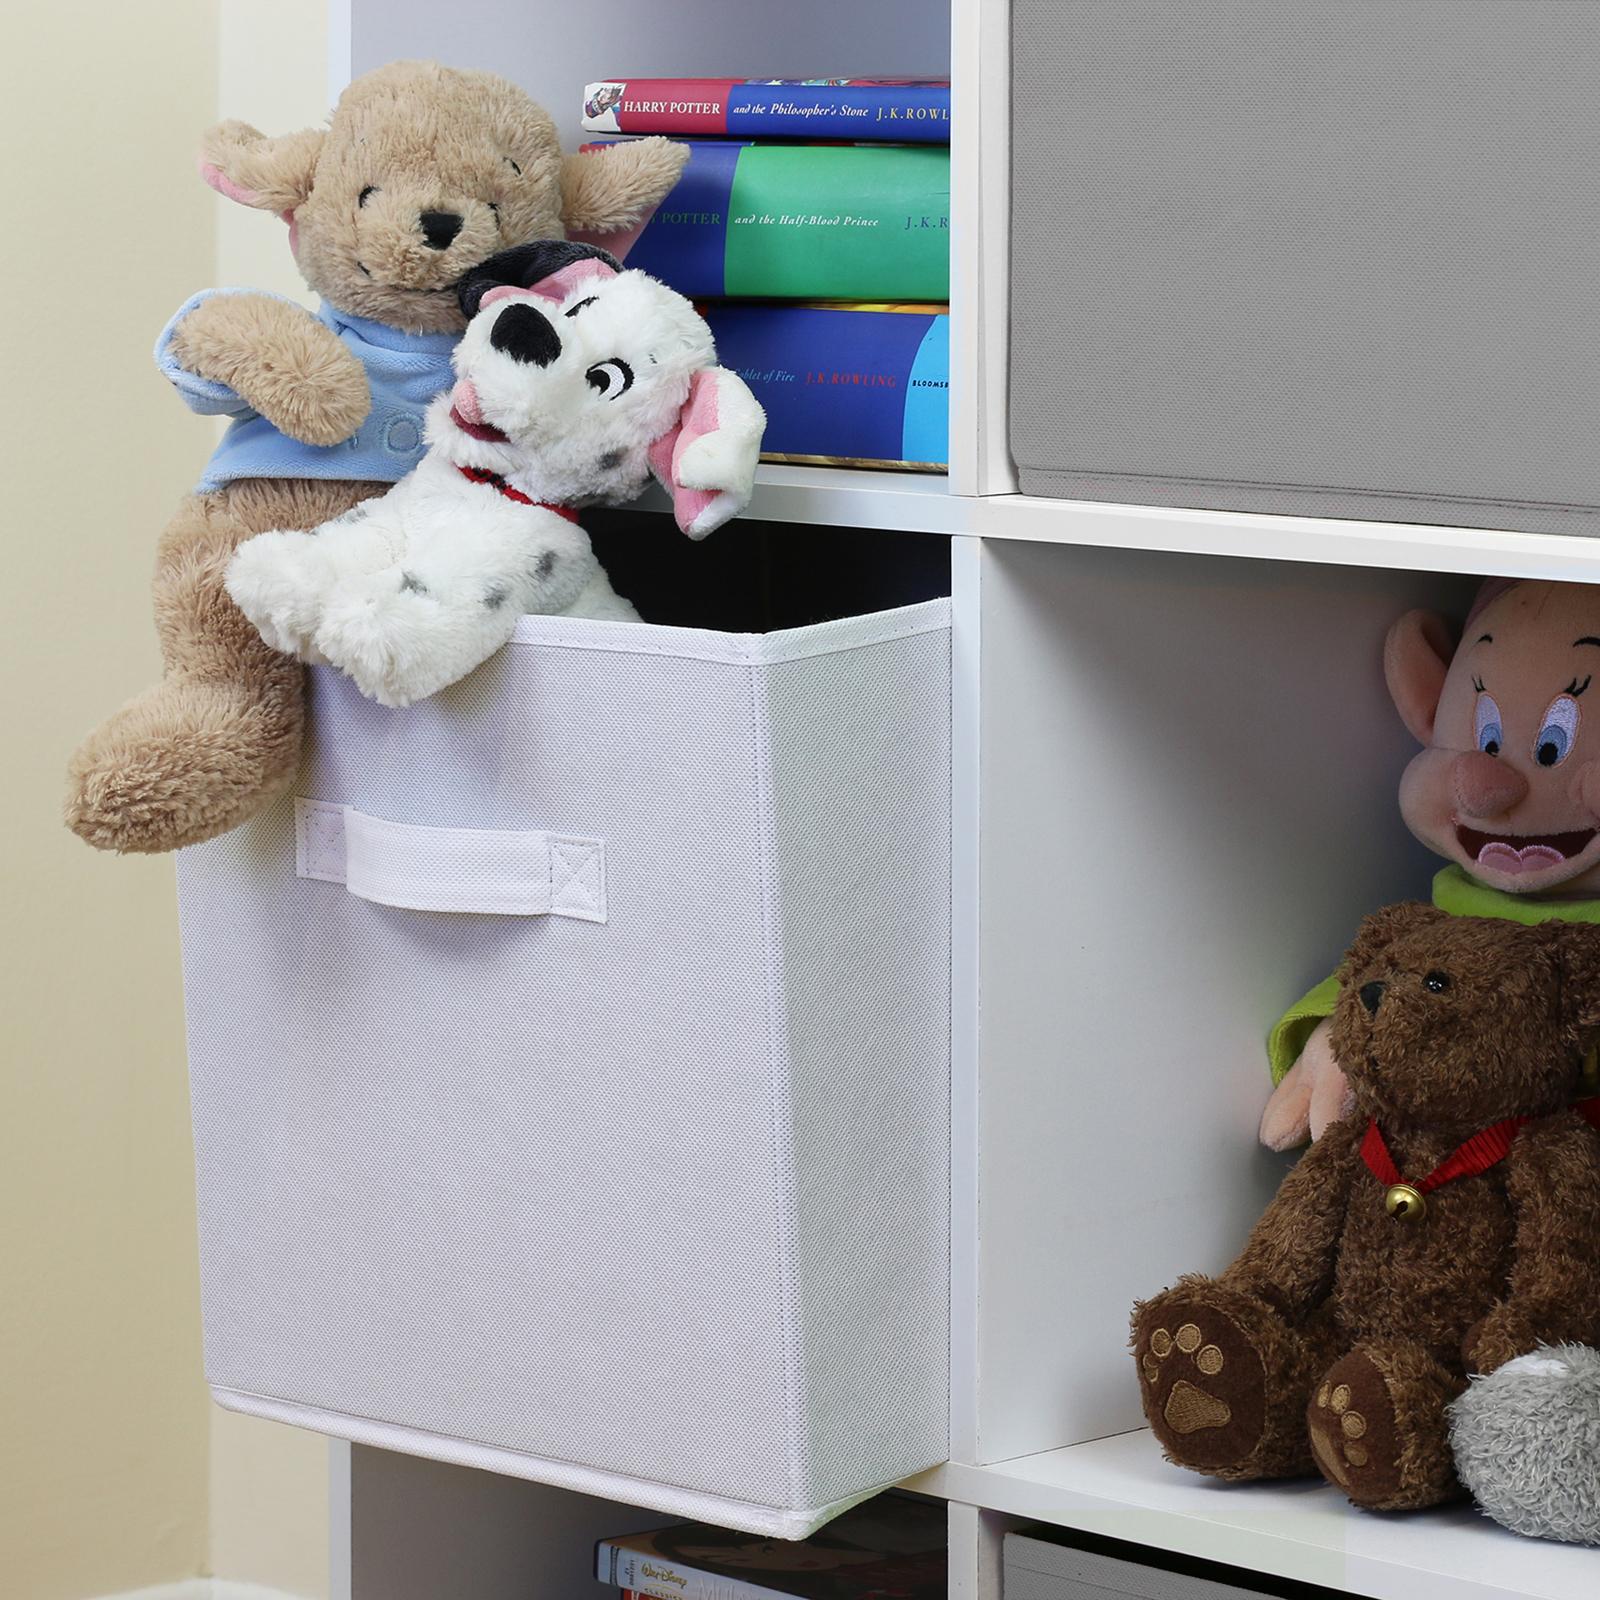 White 6 Cube Kids Toy Games Storage Unit Girls Boys: 9 Cube Kids Grey & White Toy/Games Storage Unit Girls/Boys